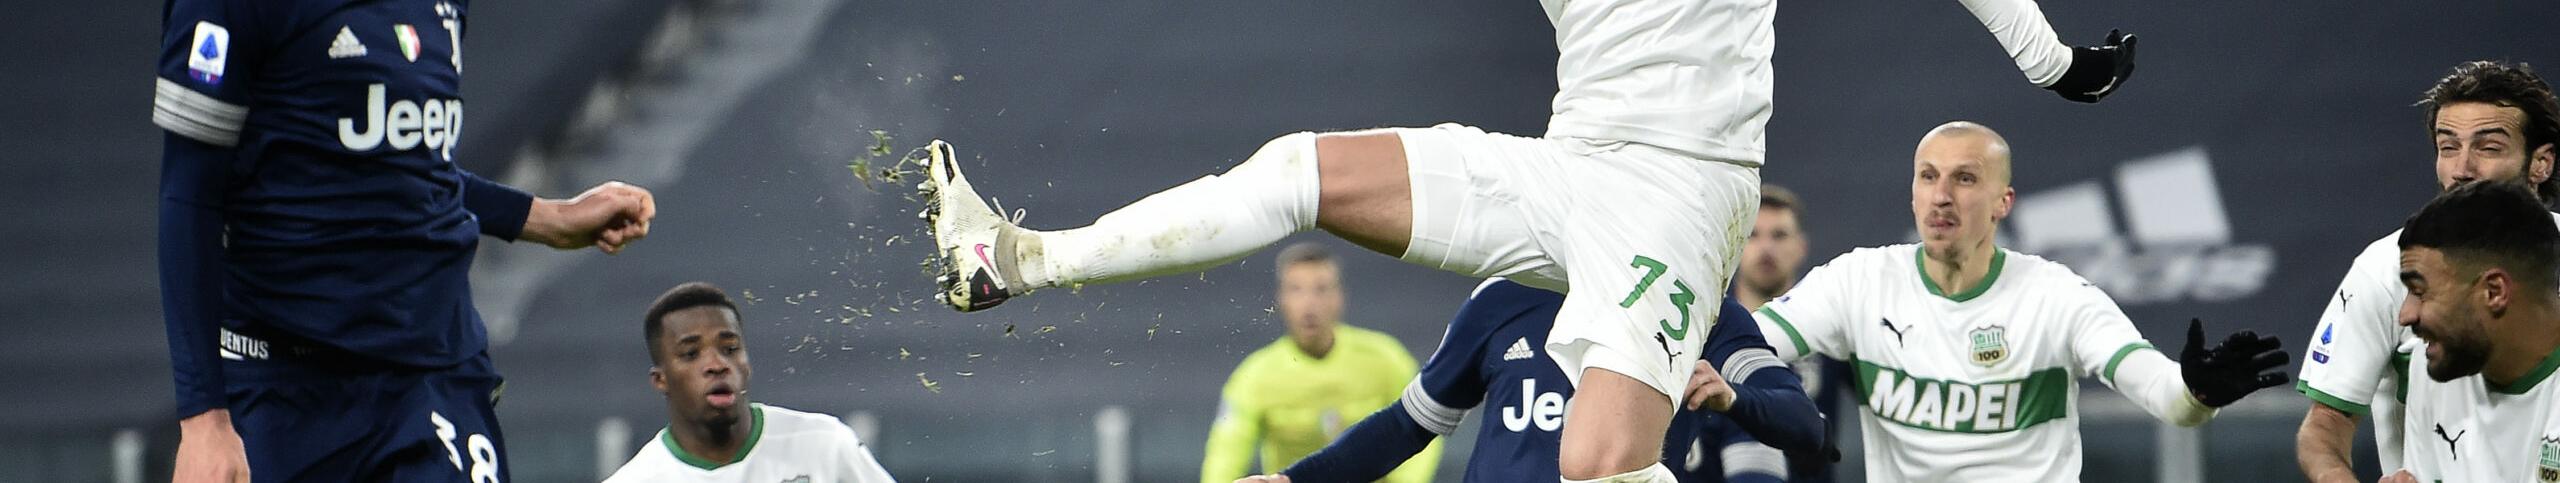 Sassuolo-Juventus, i campioni d'Italia all'esame della verità